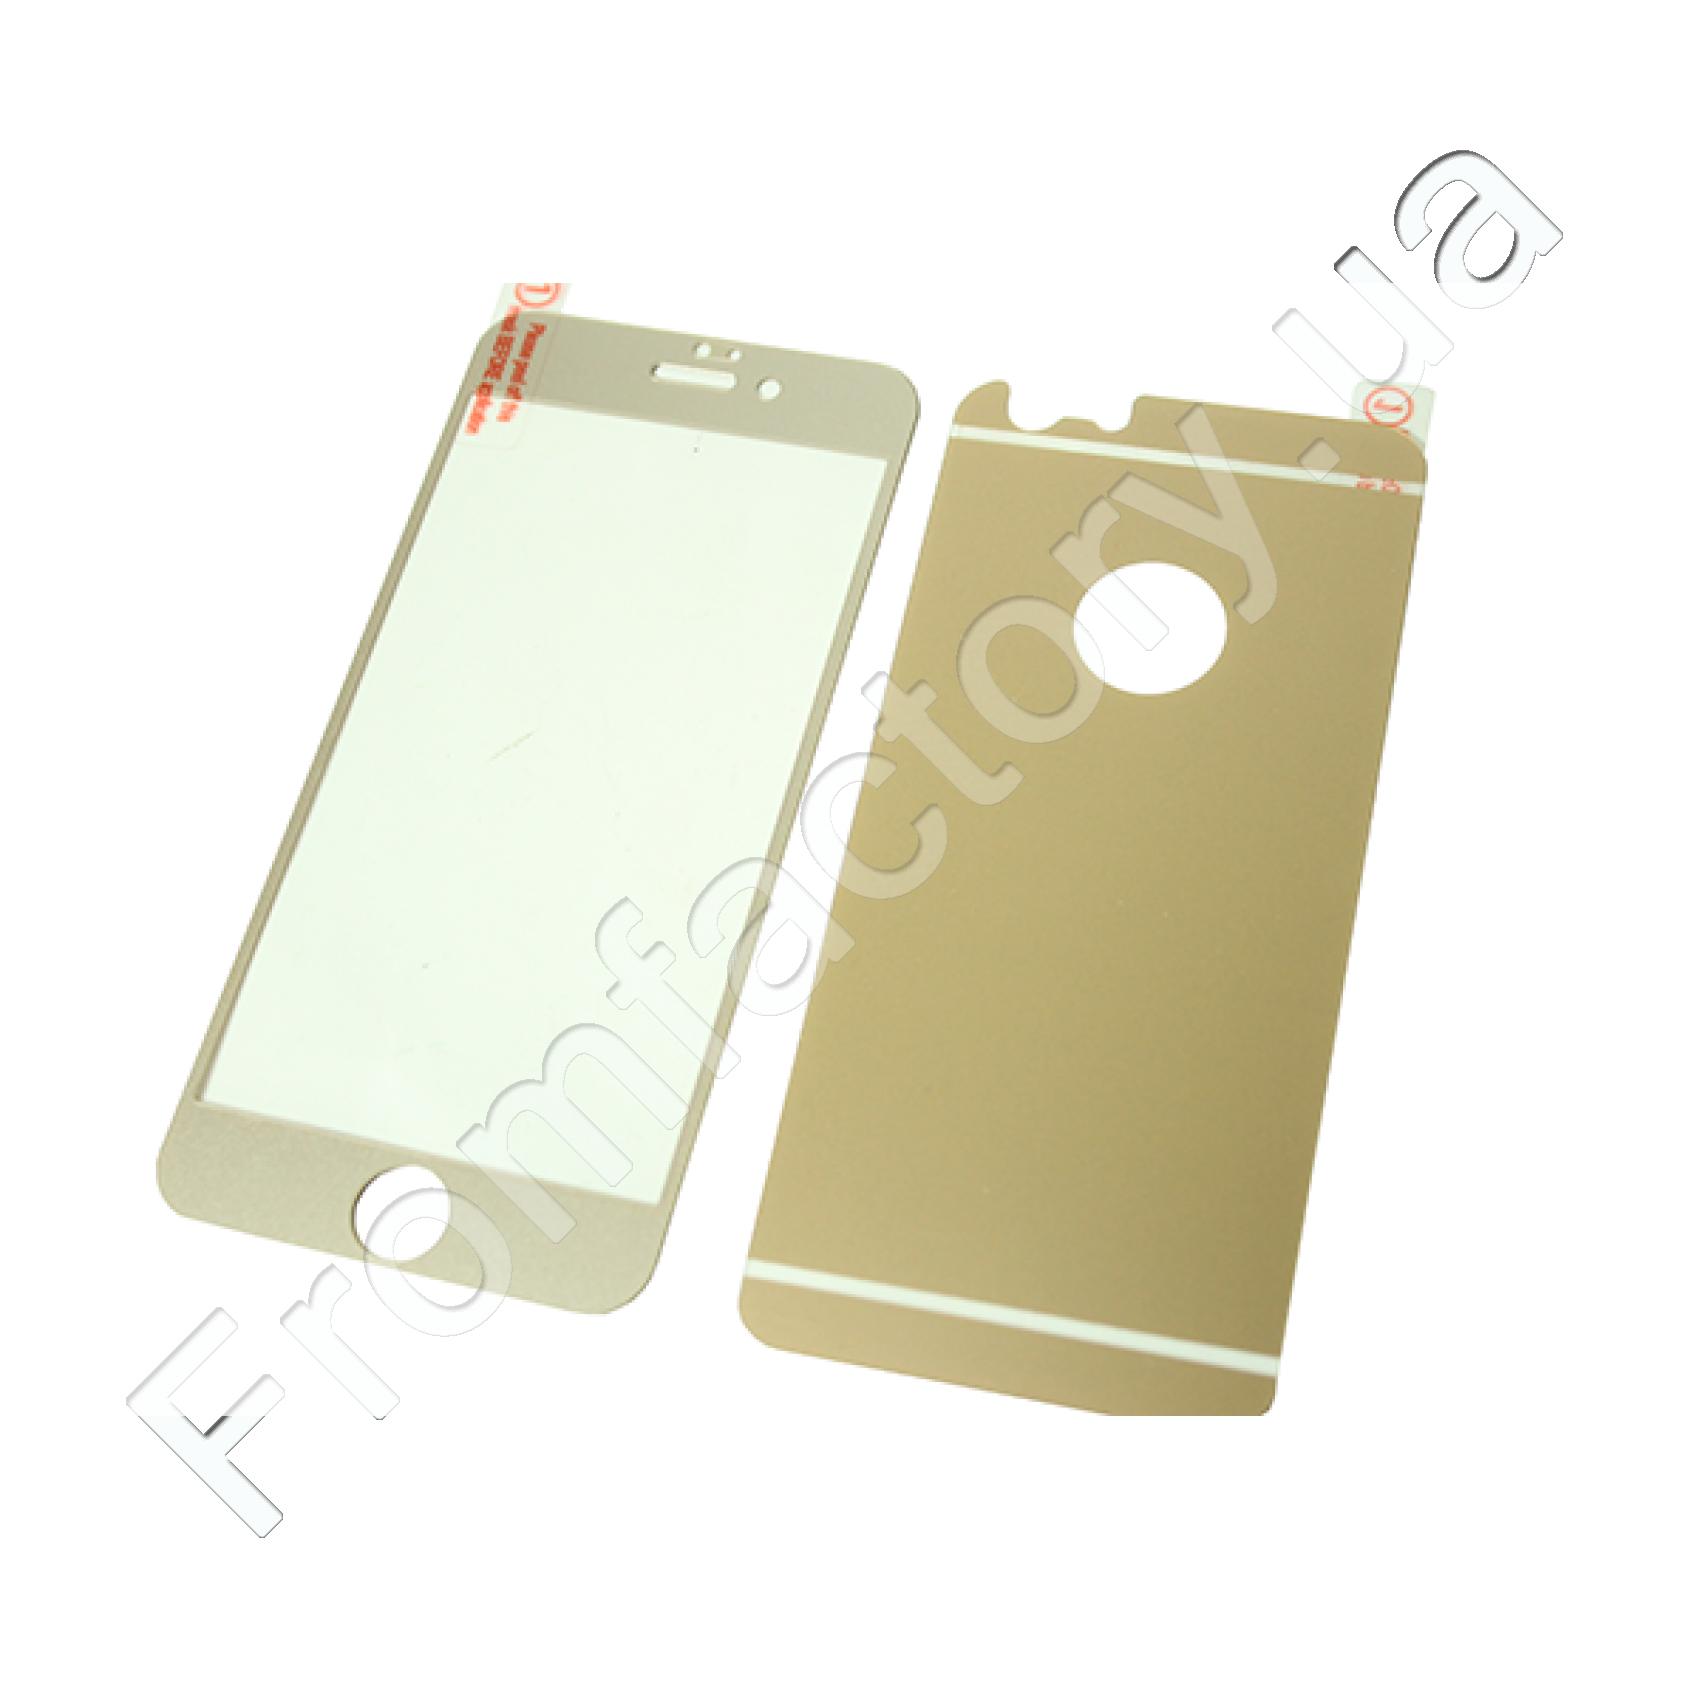 Стекло защитное цветное  2-х стор. IPhone 6/6s (Золото)